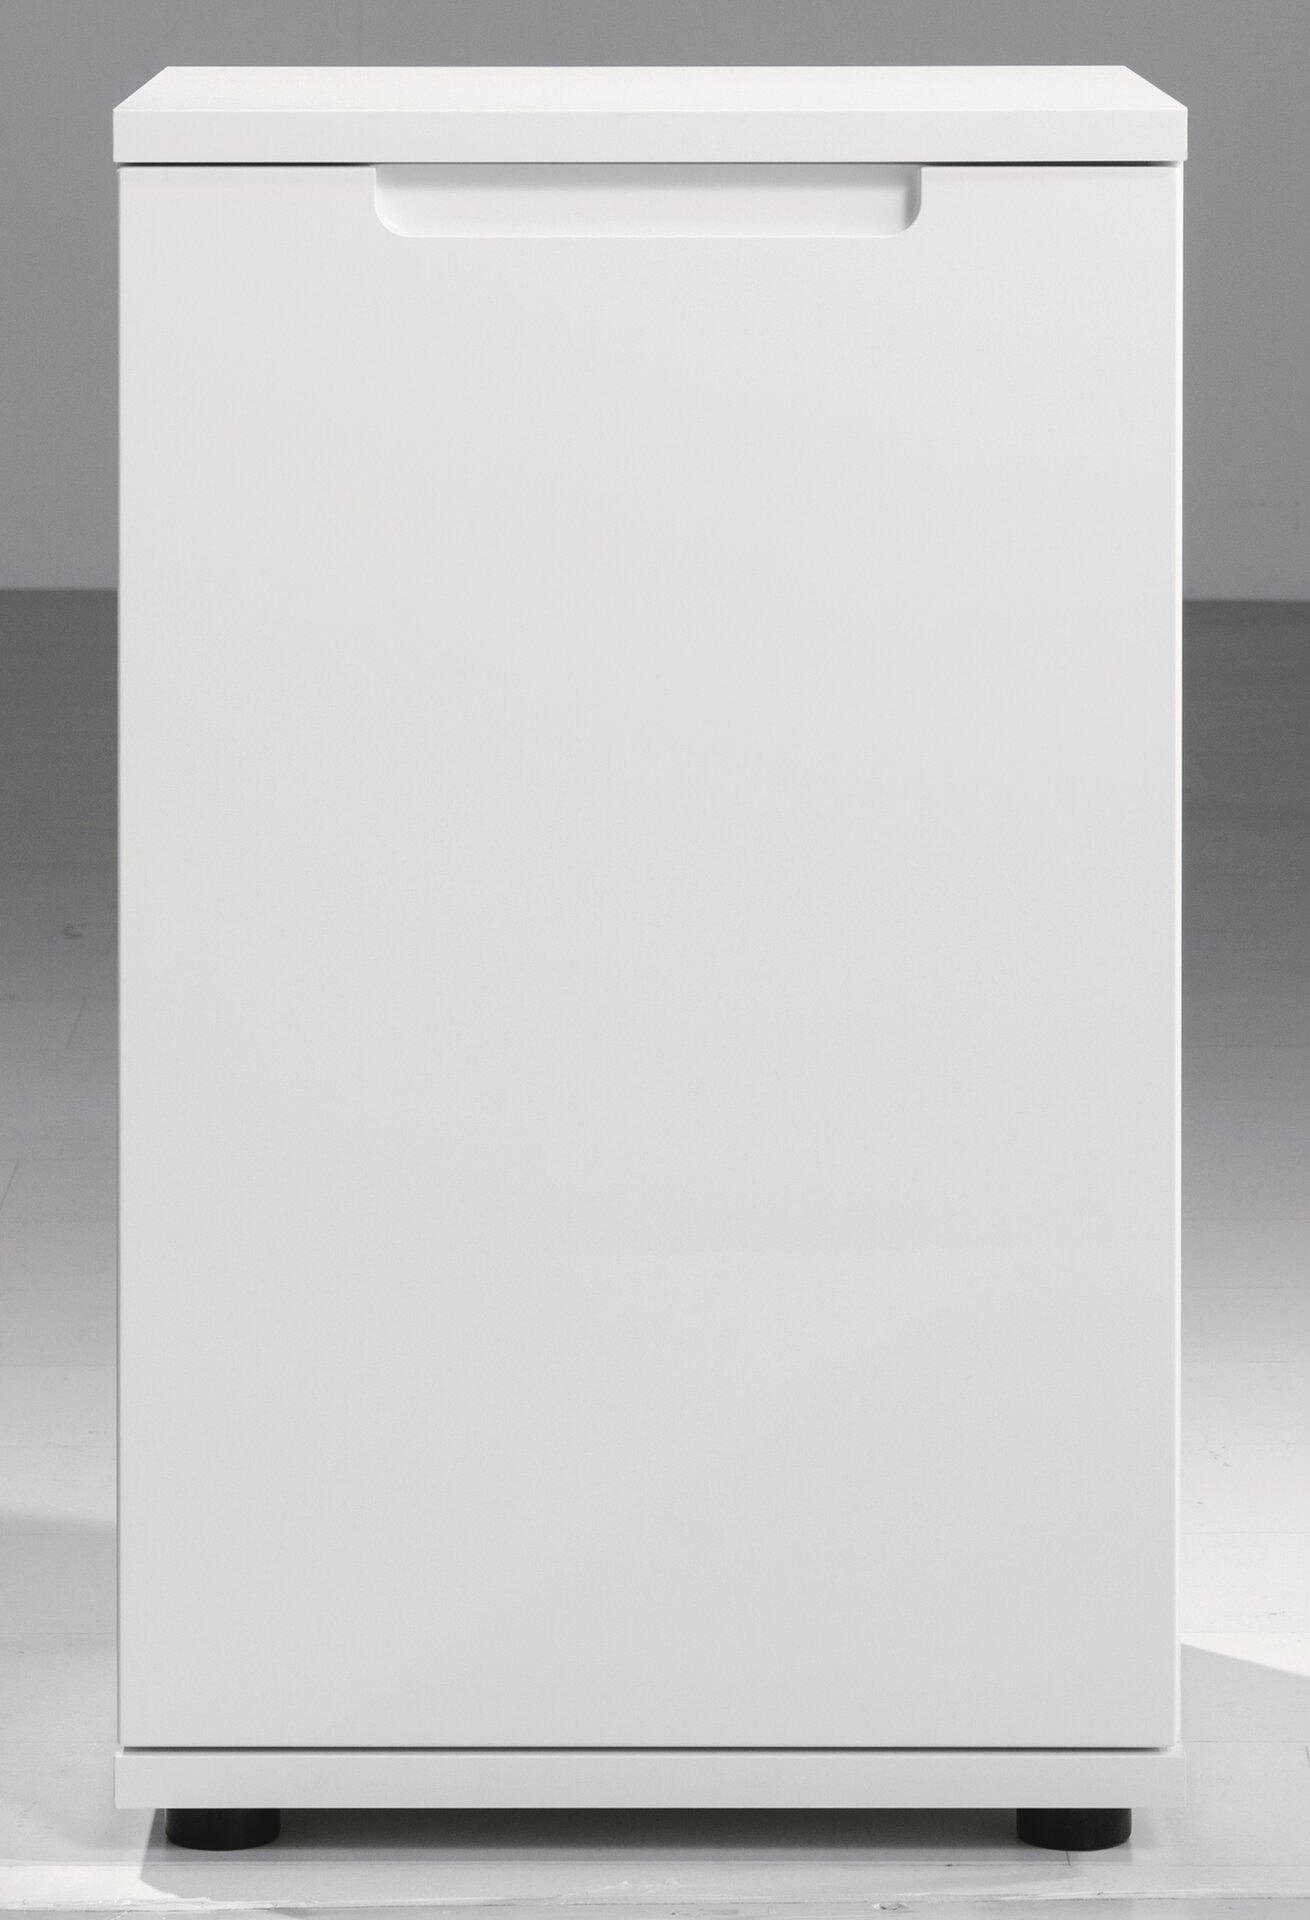 Kommode NELLI SELF Textil weiß 40 x 74 x 45 cm